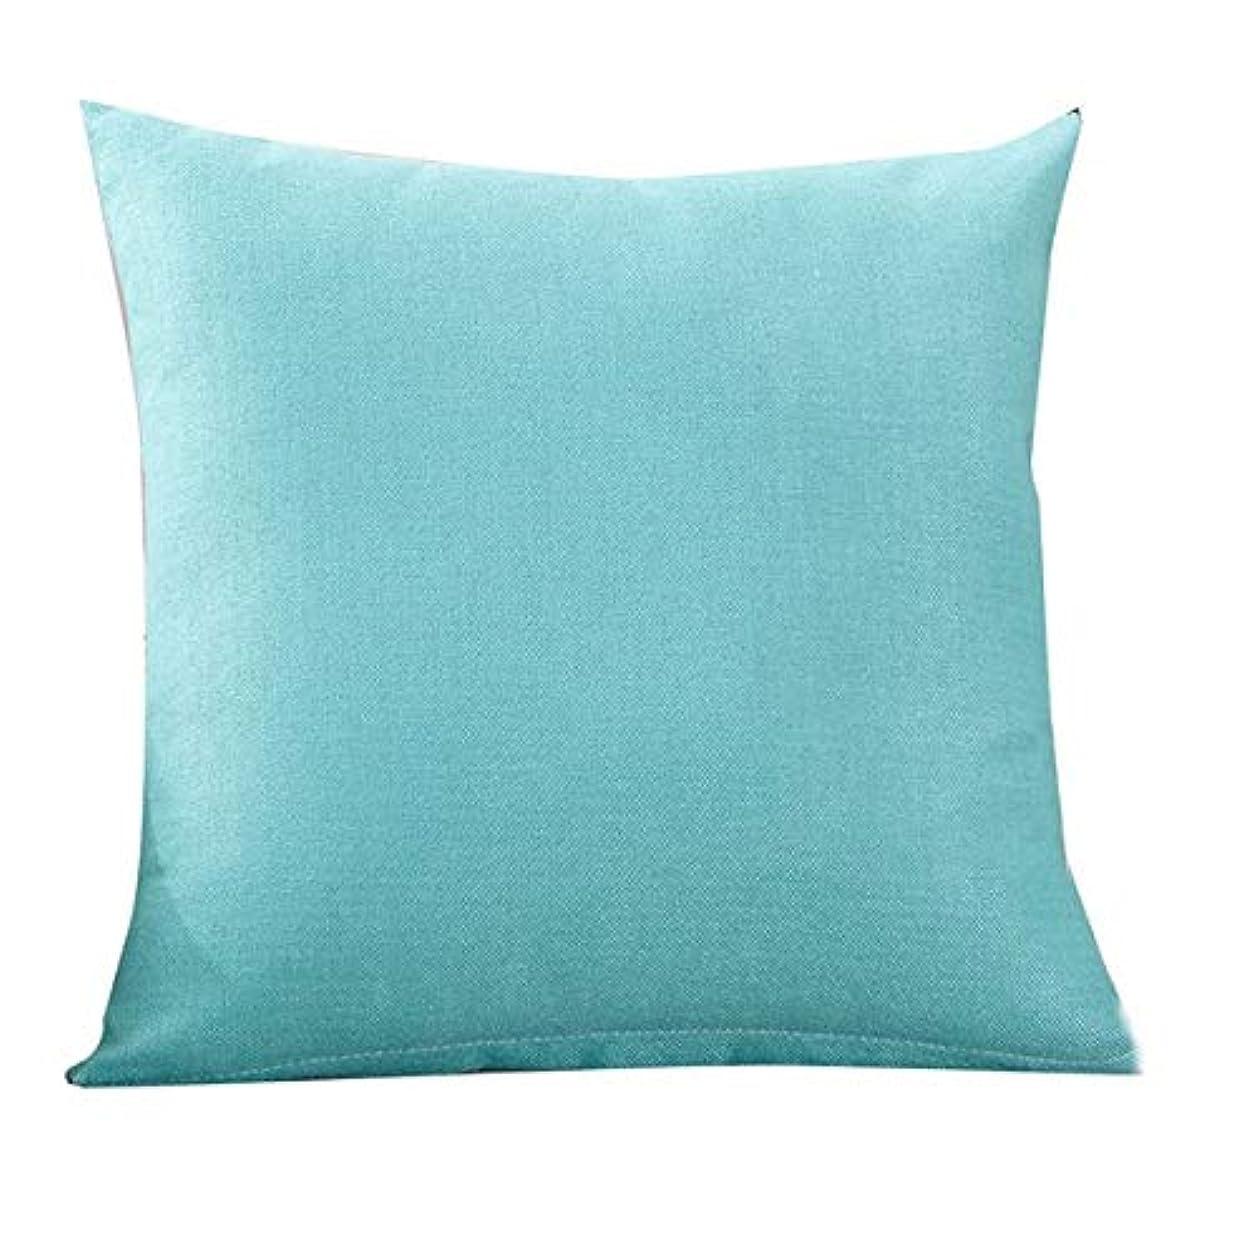 ポンペイ新鮮な成功するLIFE クリエイティブシンプルなファッションスロー枕クッションカフェソファクッションのホームインテリア z0403# G20 クッション 椅子